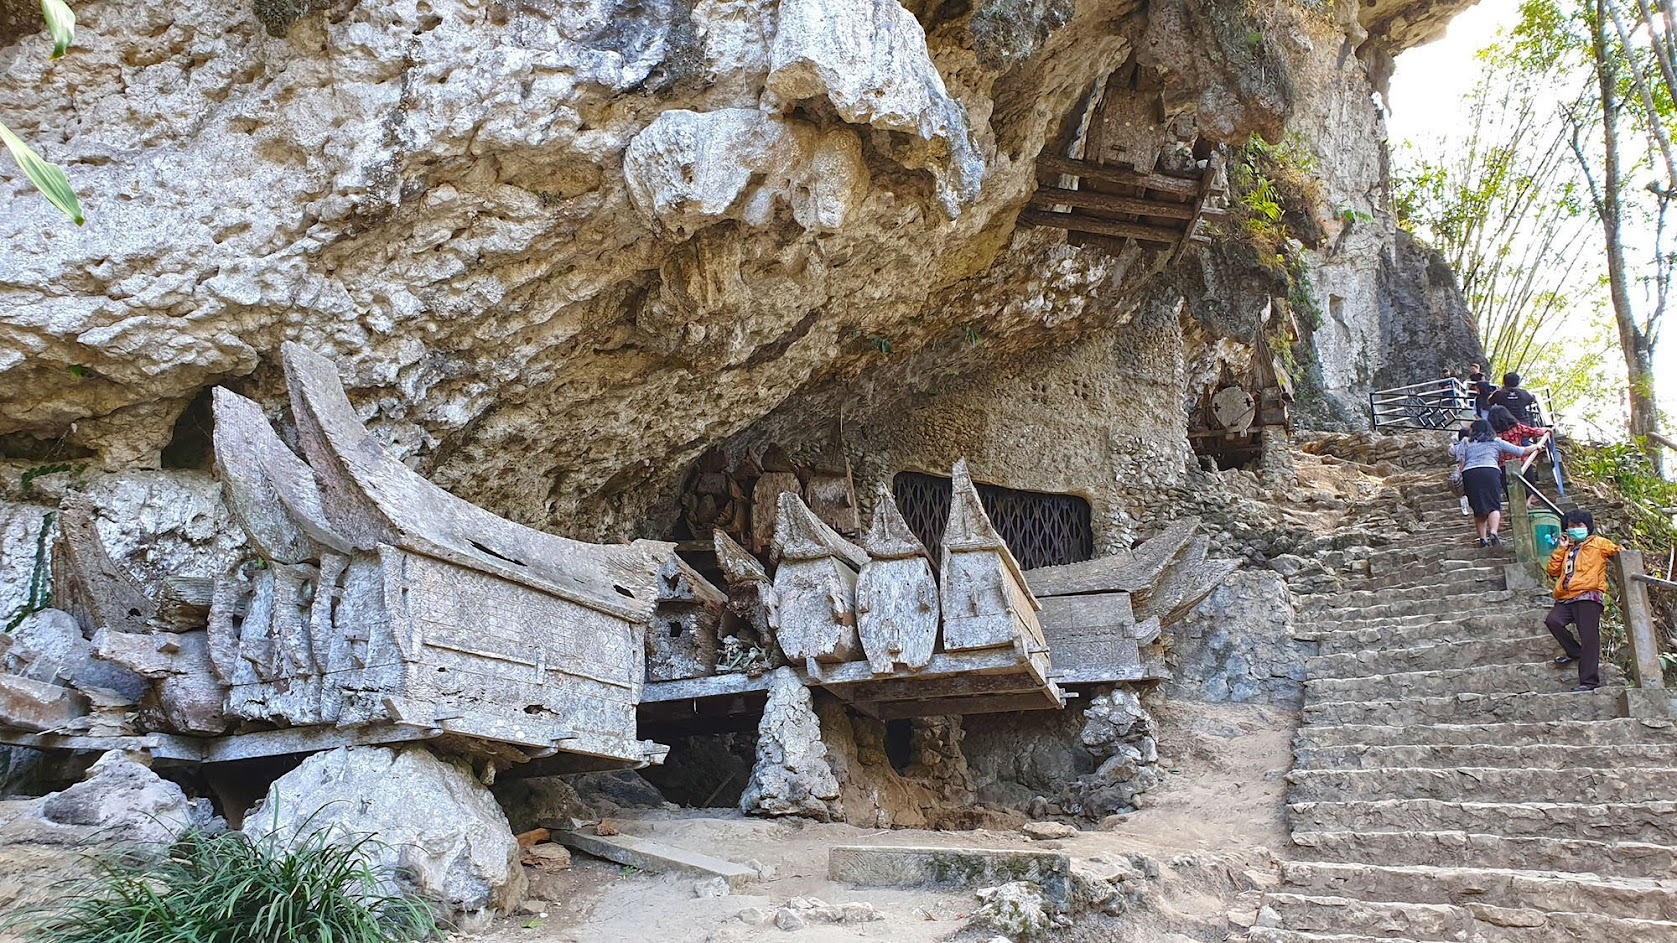 Dias 83 a 89 - TANA TORAJA, uma semana embrenhados nos rituais de vida e morte em Sulawesi